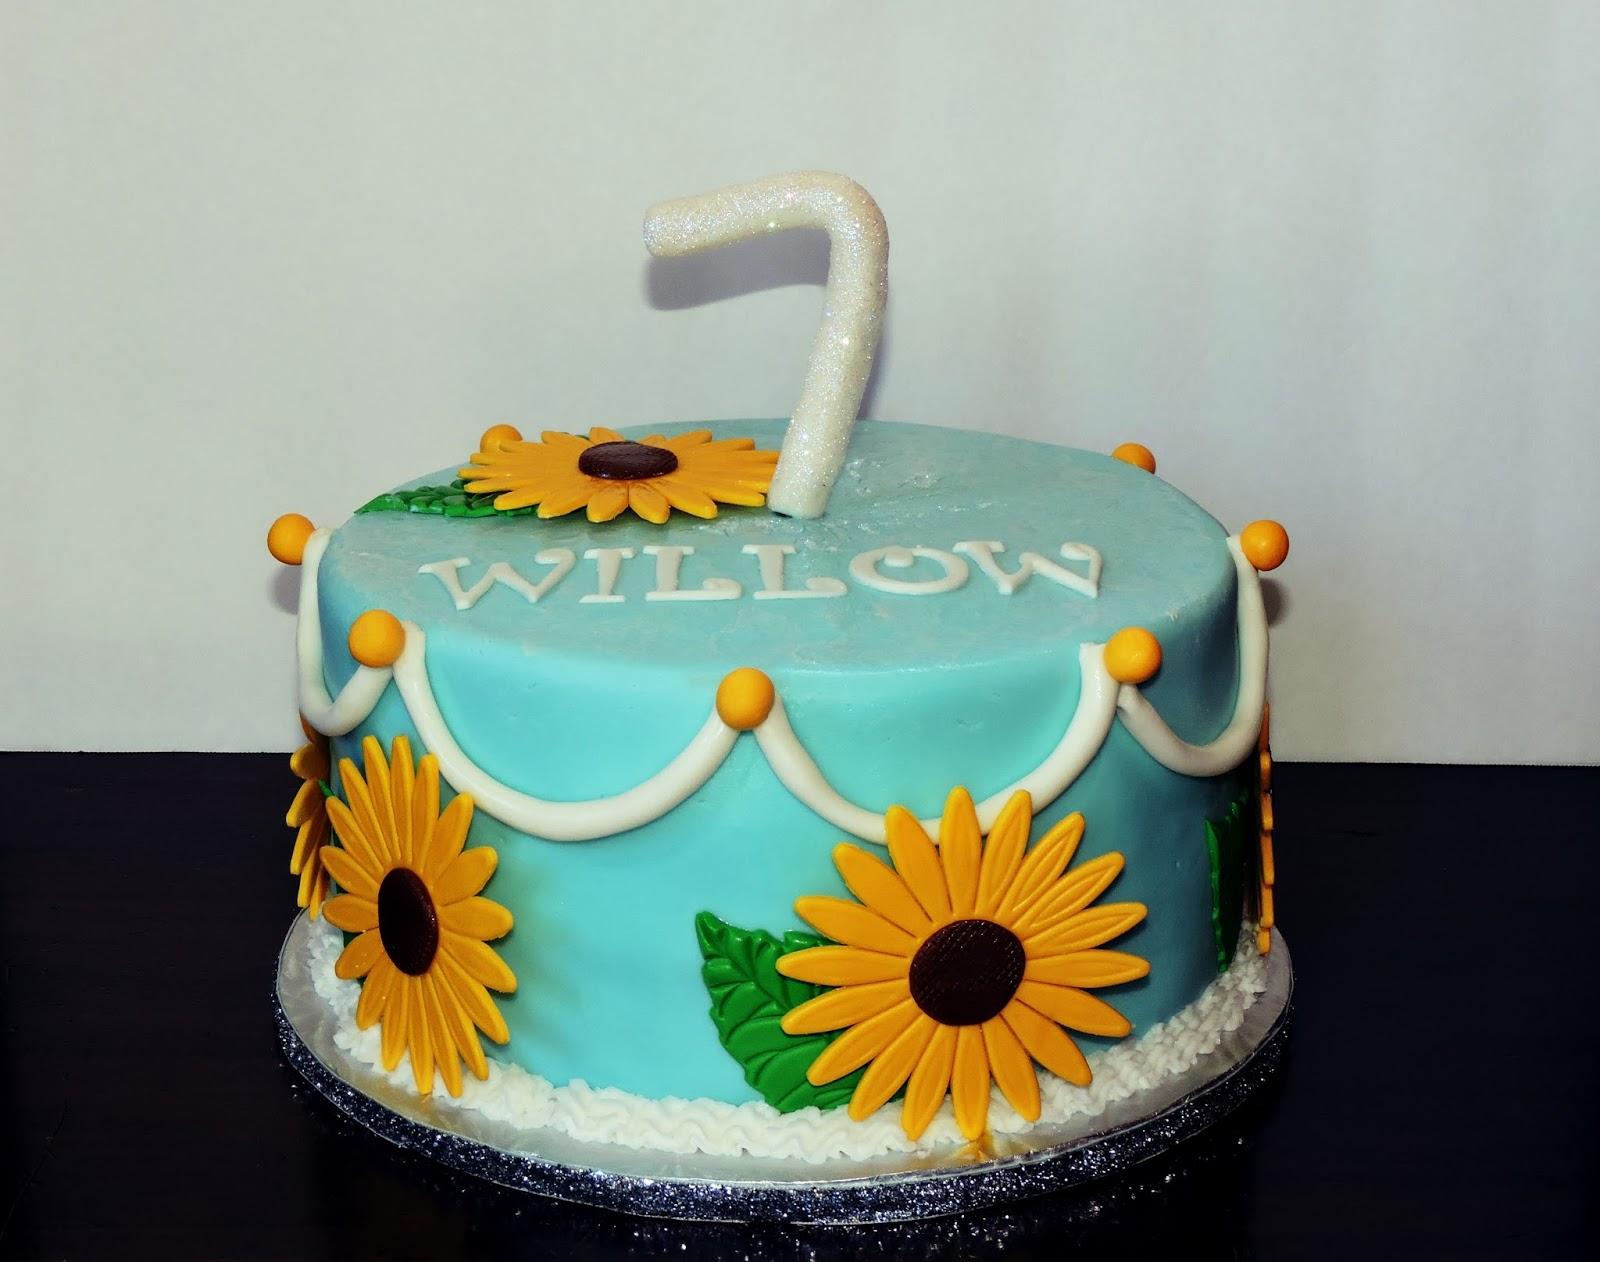 Cakesor Something Like That Sunflower Cake From Frozen Blue